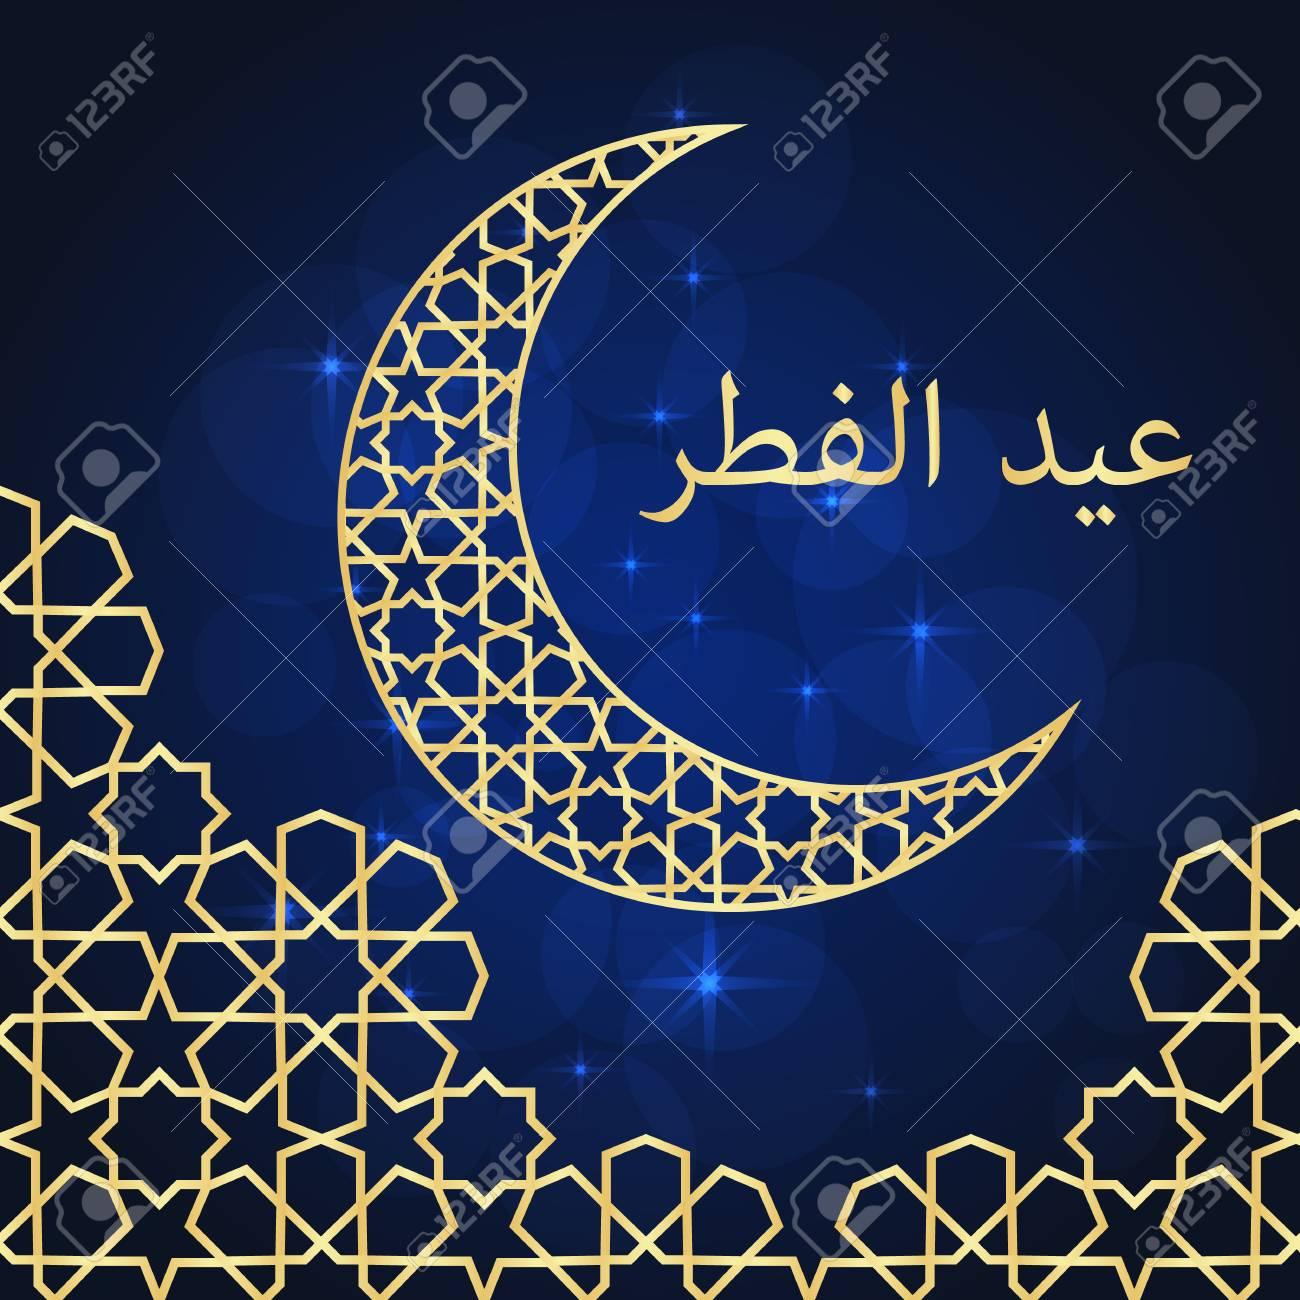 Eid al fitr greeting card on blue background vector illustration eid al fitr greeting card on blue background vector illustration eid al m4hsunfo